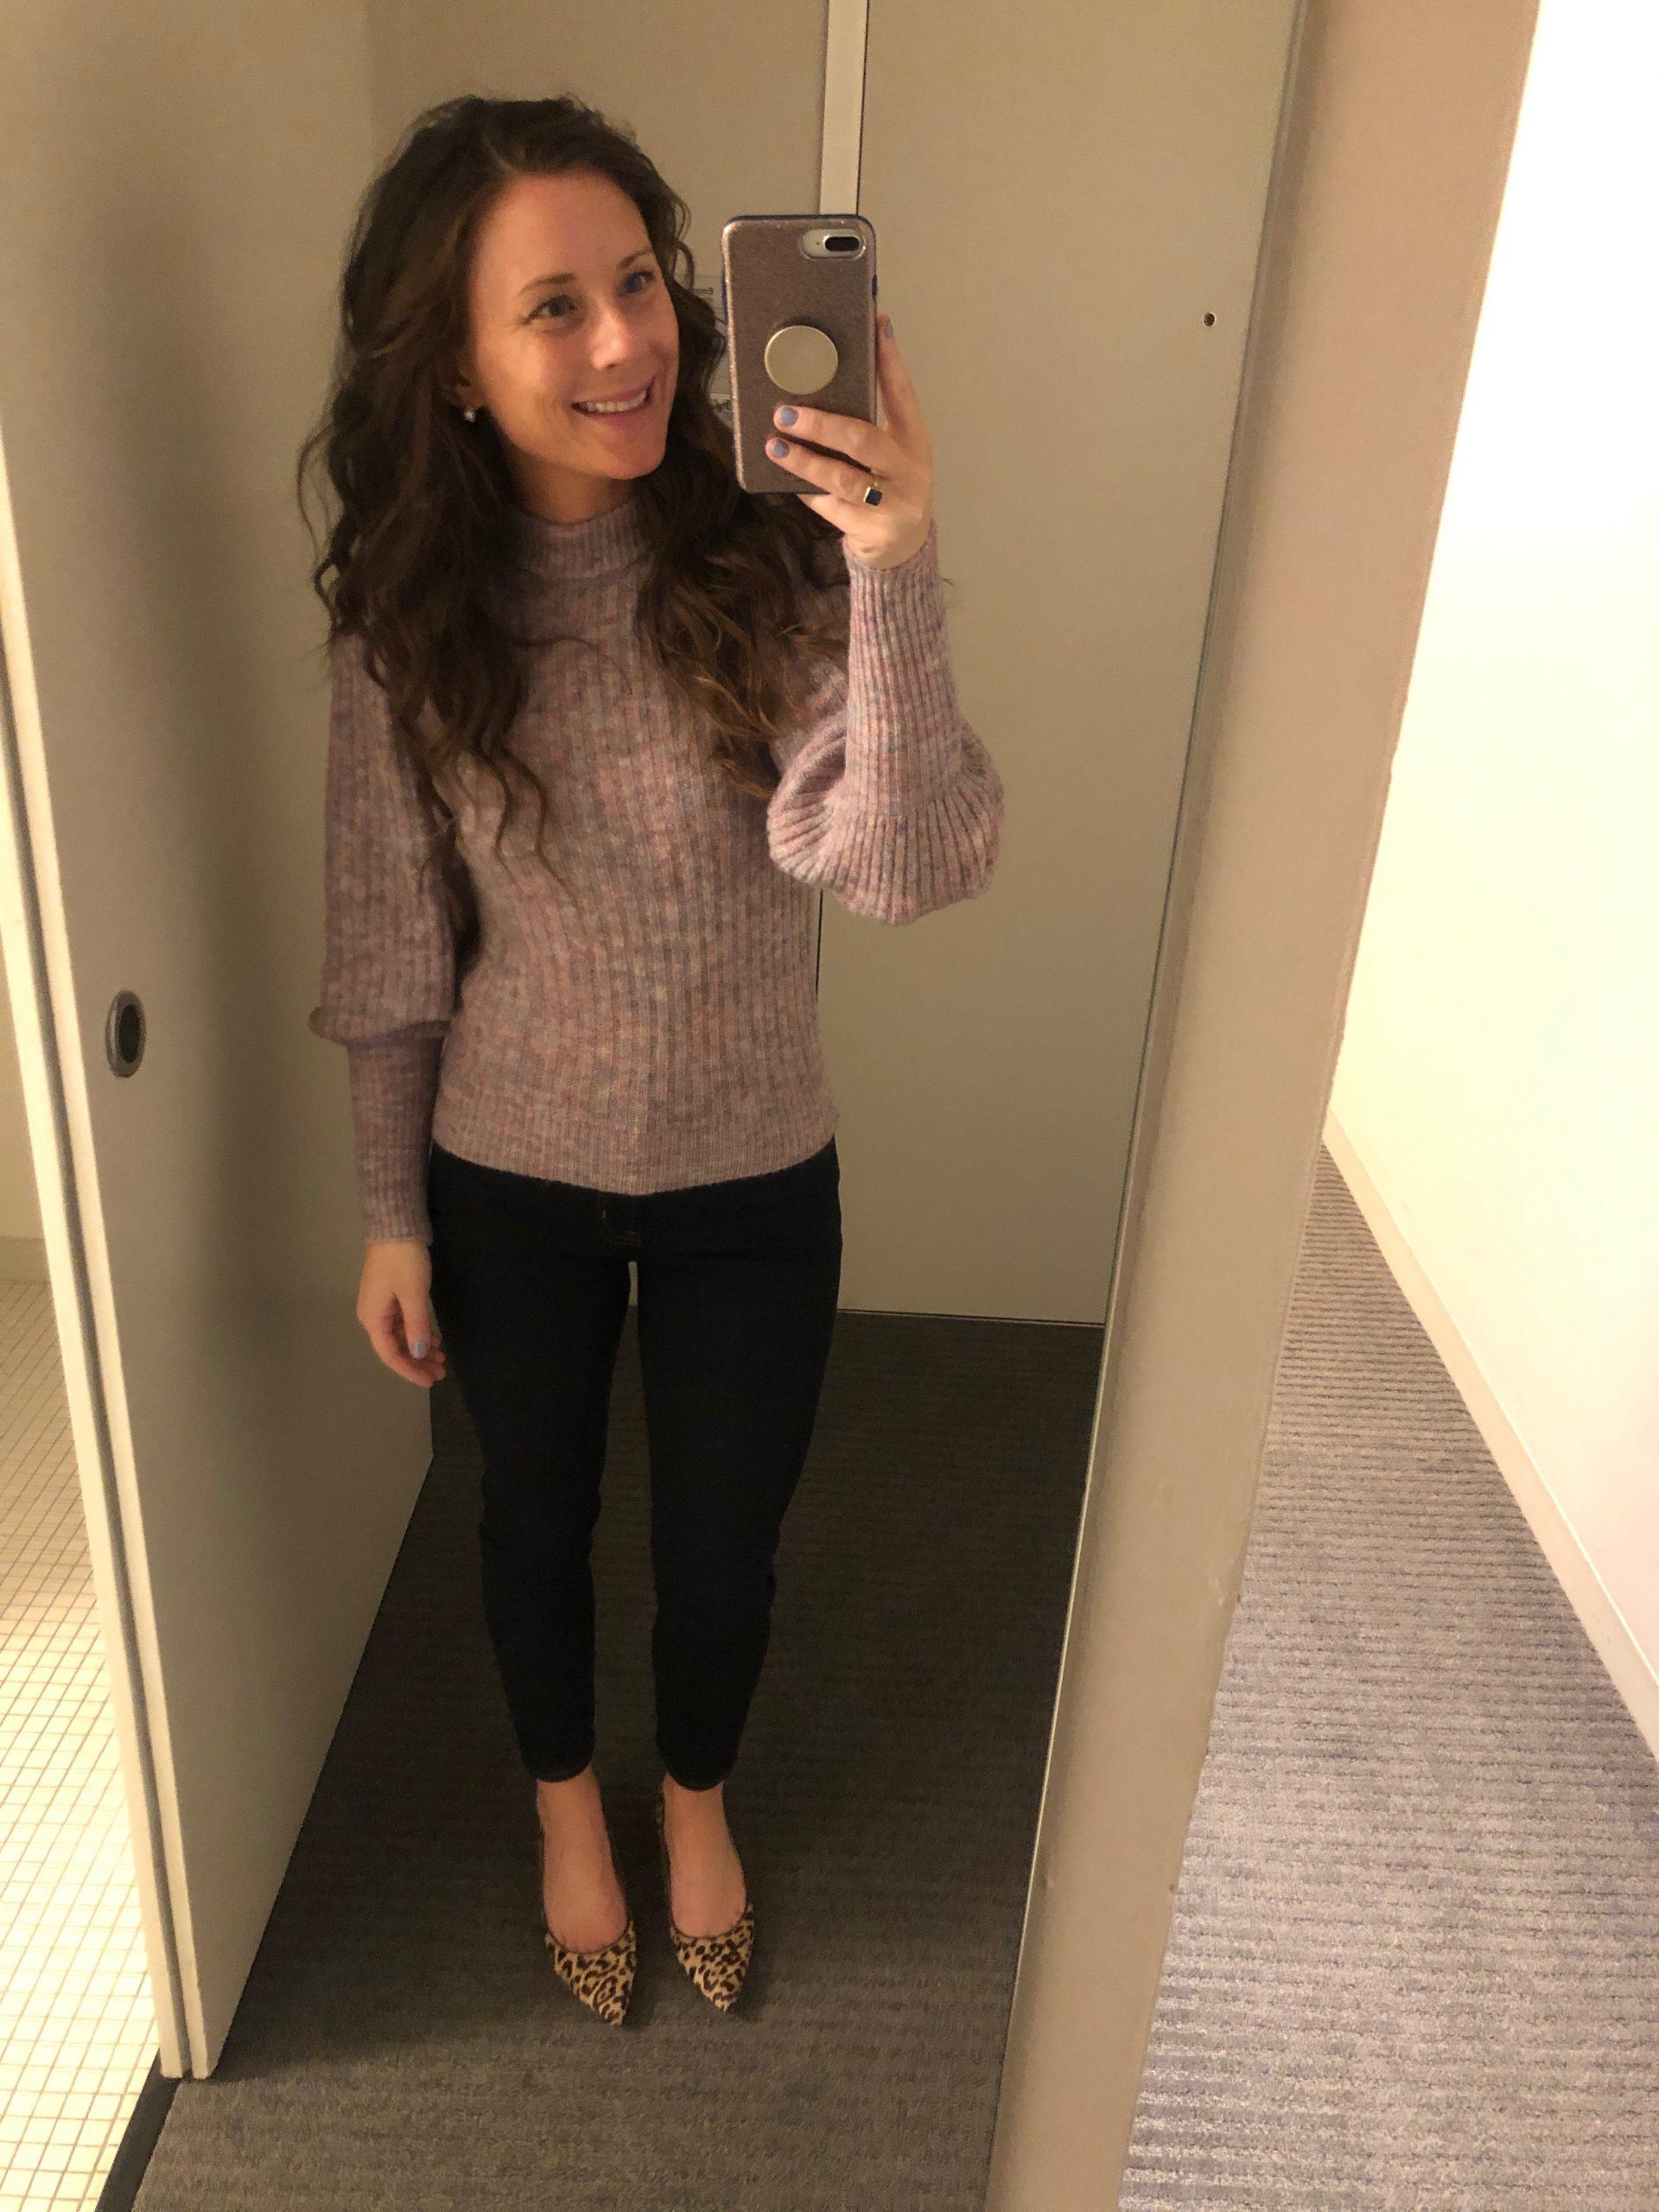 woman taking selfie in mirror wearing a purple sweater and dark jeans with leopard heels